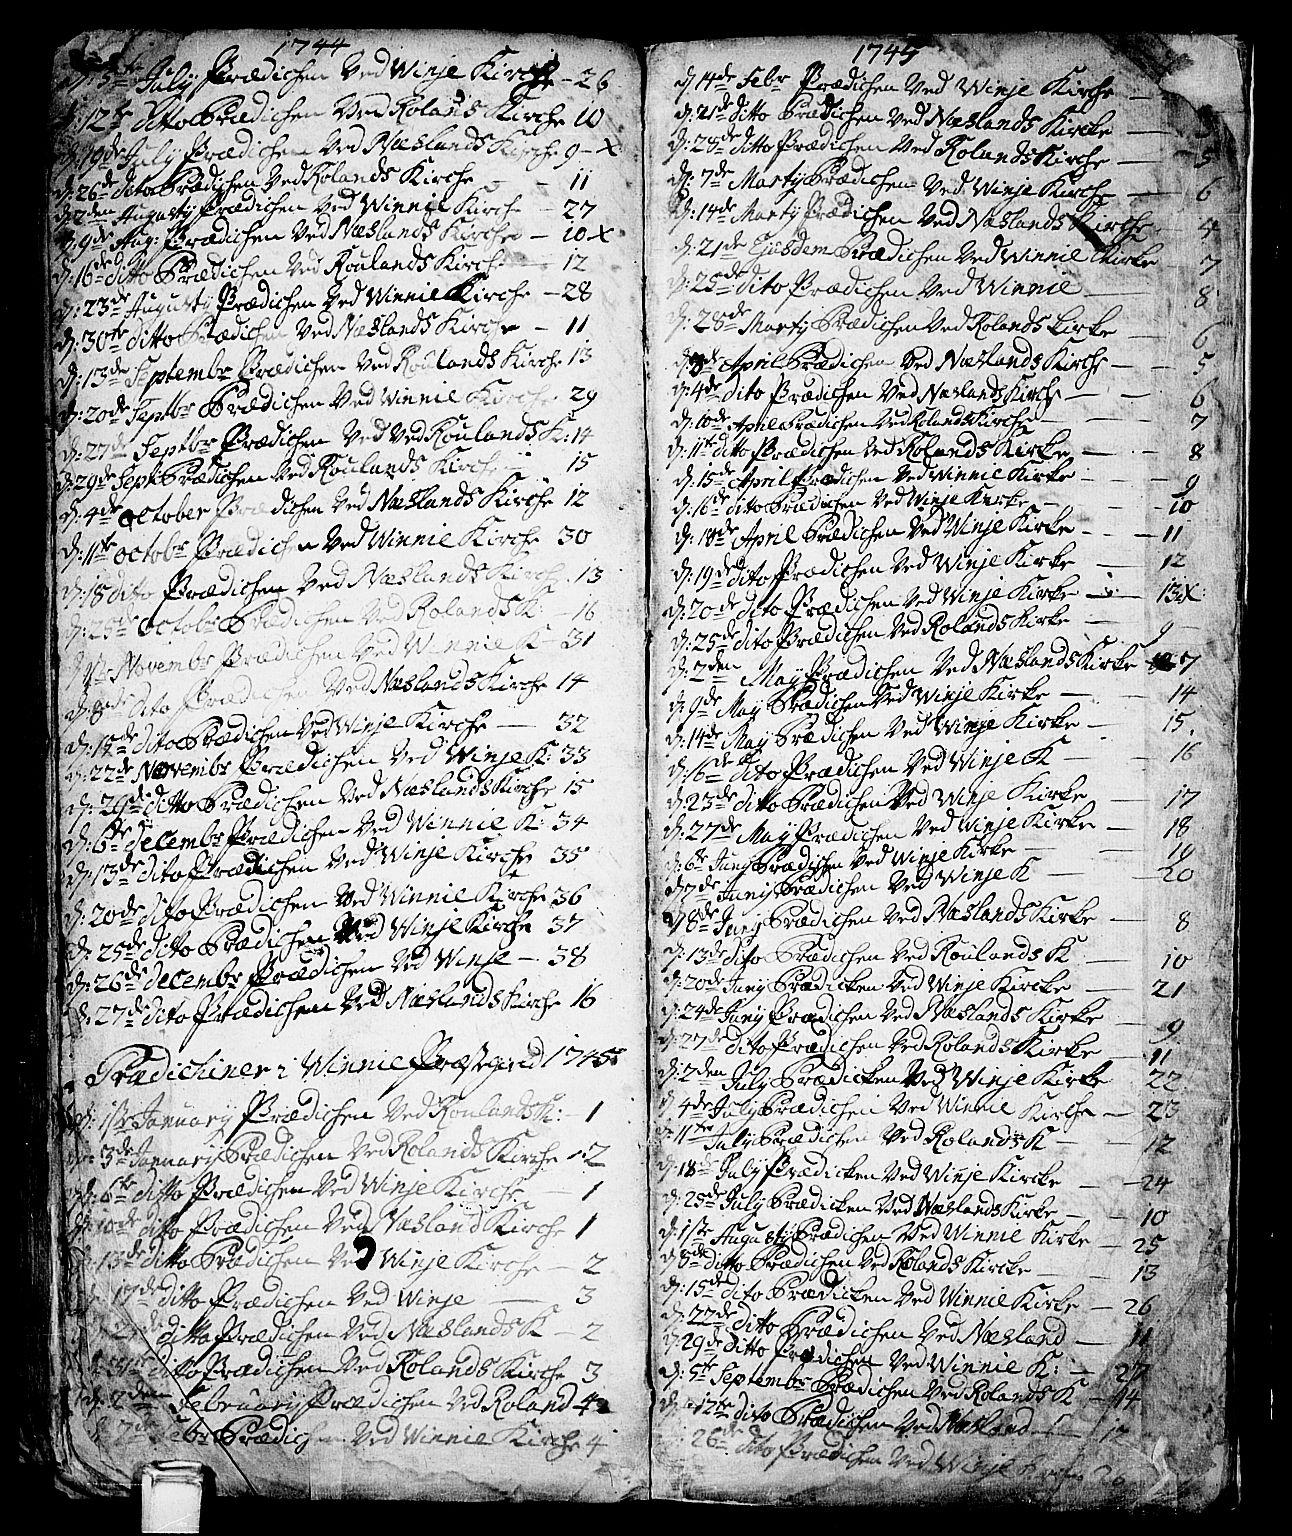 SAKO, Vinje kirkebøker, F/Fa/L0001: Ministerialbok nr. I 1, 1717-1766, s. 259